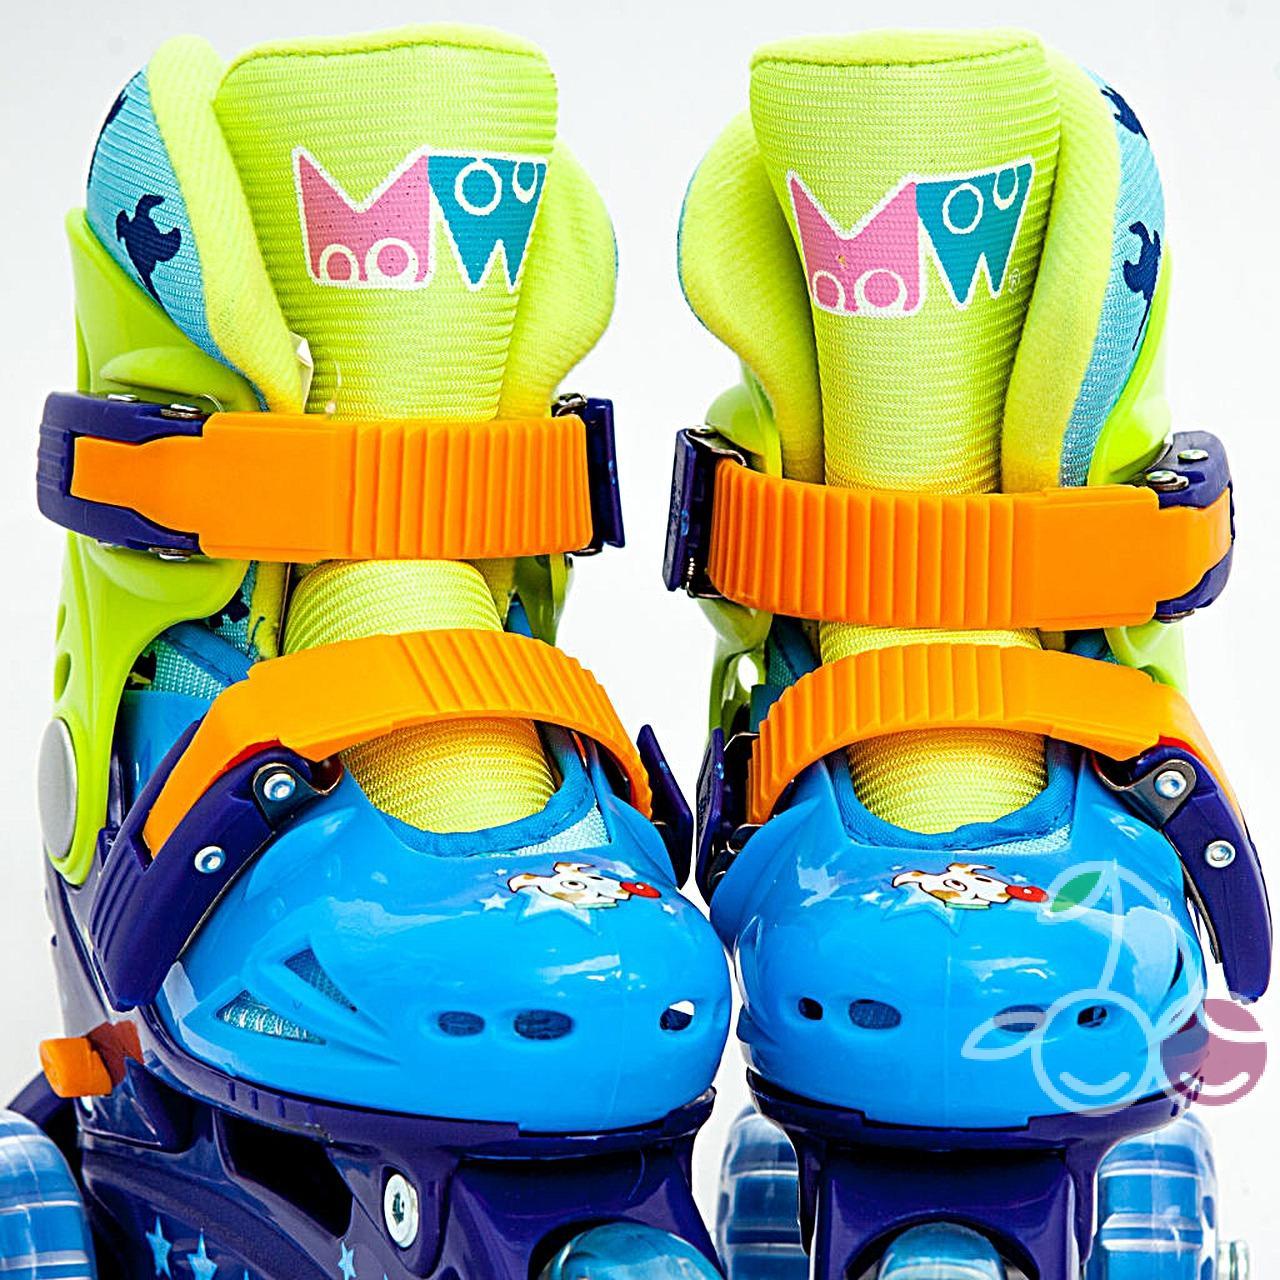 Роликовые коньки детские 28 размер, для обучения (трехколесные, раздвижной ботинок) MagicWheels зеленые, - фото 1